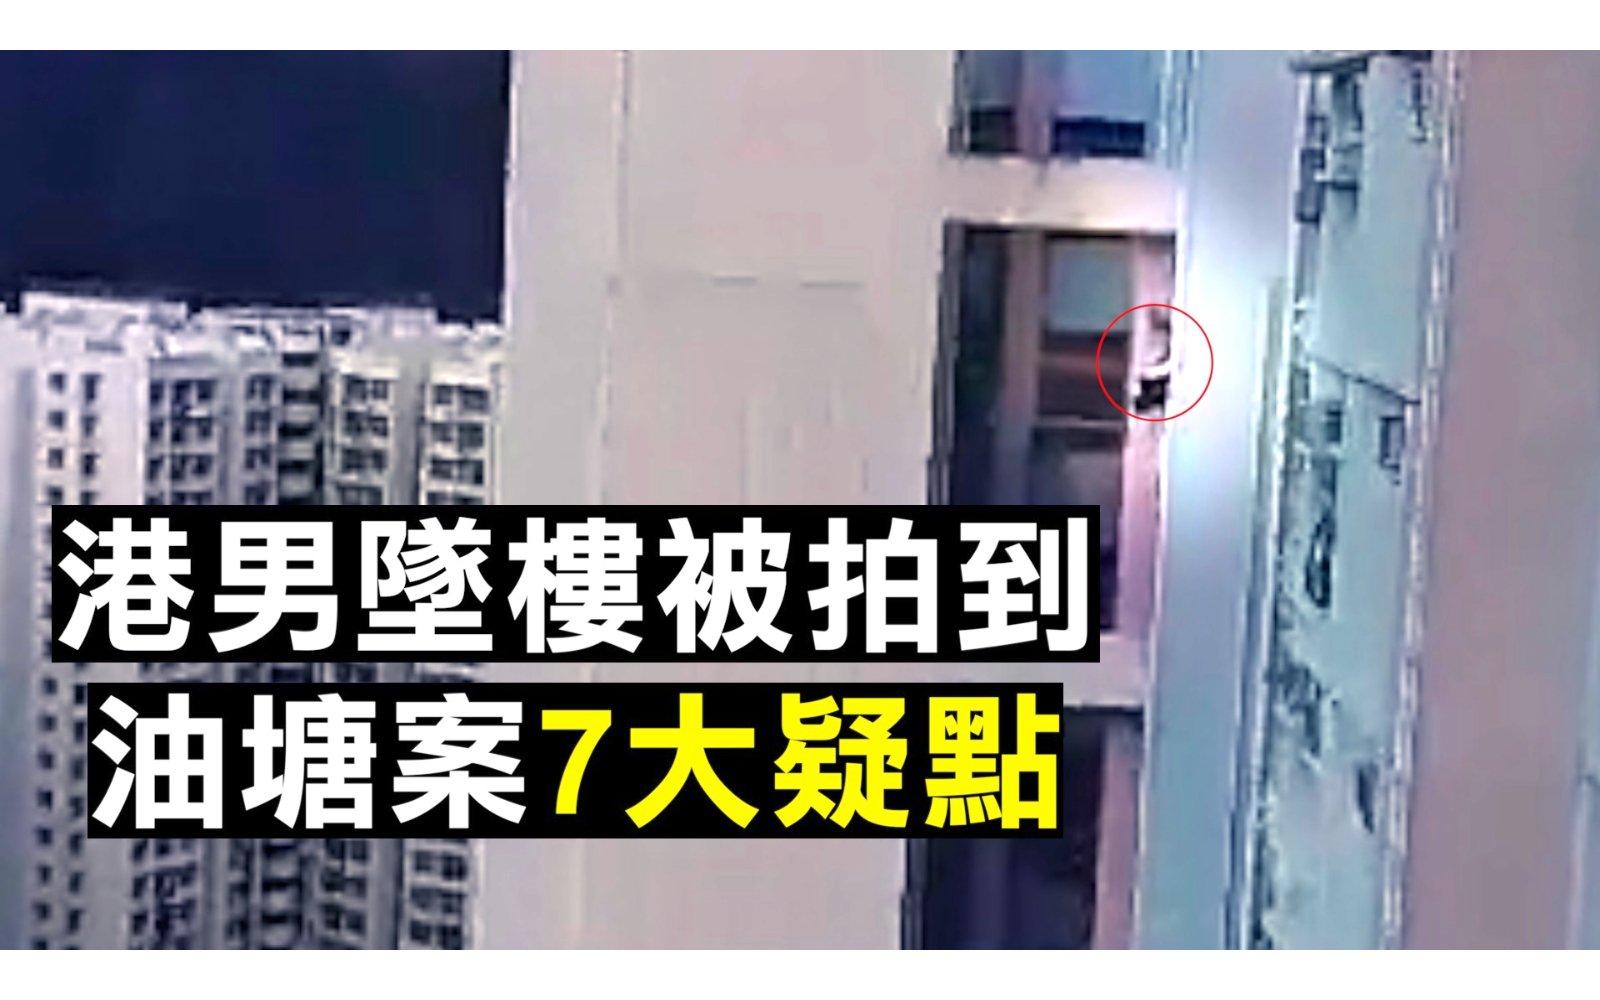 1月13日郭姓男子墜樓,是第一次有影片拍到,有人在墜樓的一刻,有疑點顯示此人是被扔下樓,但就算如此,是被誰推下去的,還沒有證據。(新唐人合成)